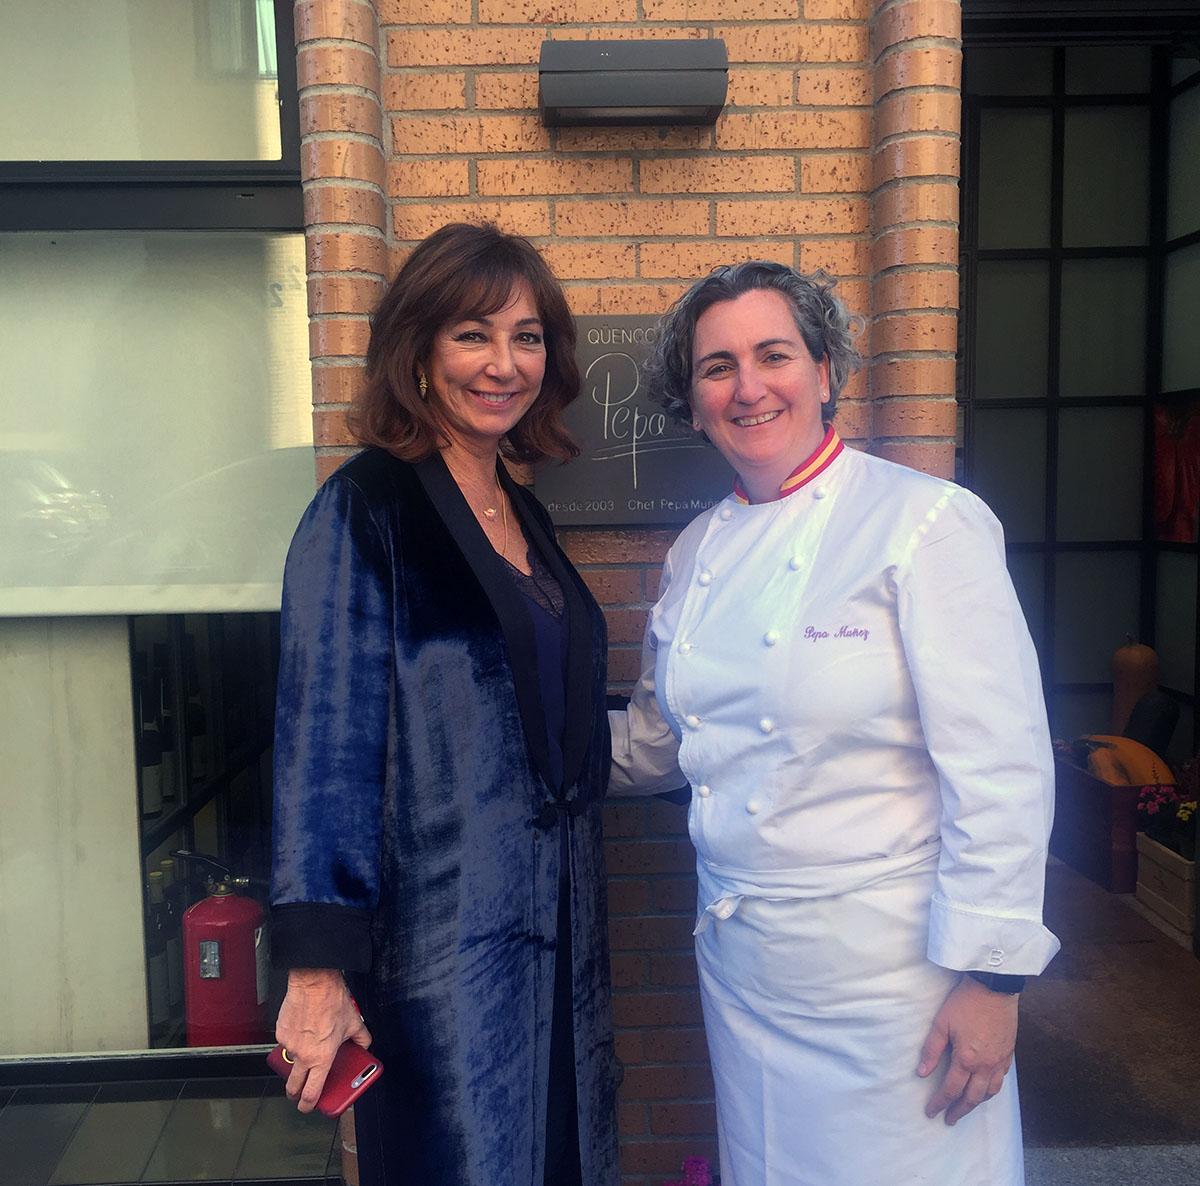 Ana Rosa Quintana y Pepa, de 'El Qüenco de Pepa'. Foto cedida por el restaurante 'El Qüenco de Pepa'.